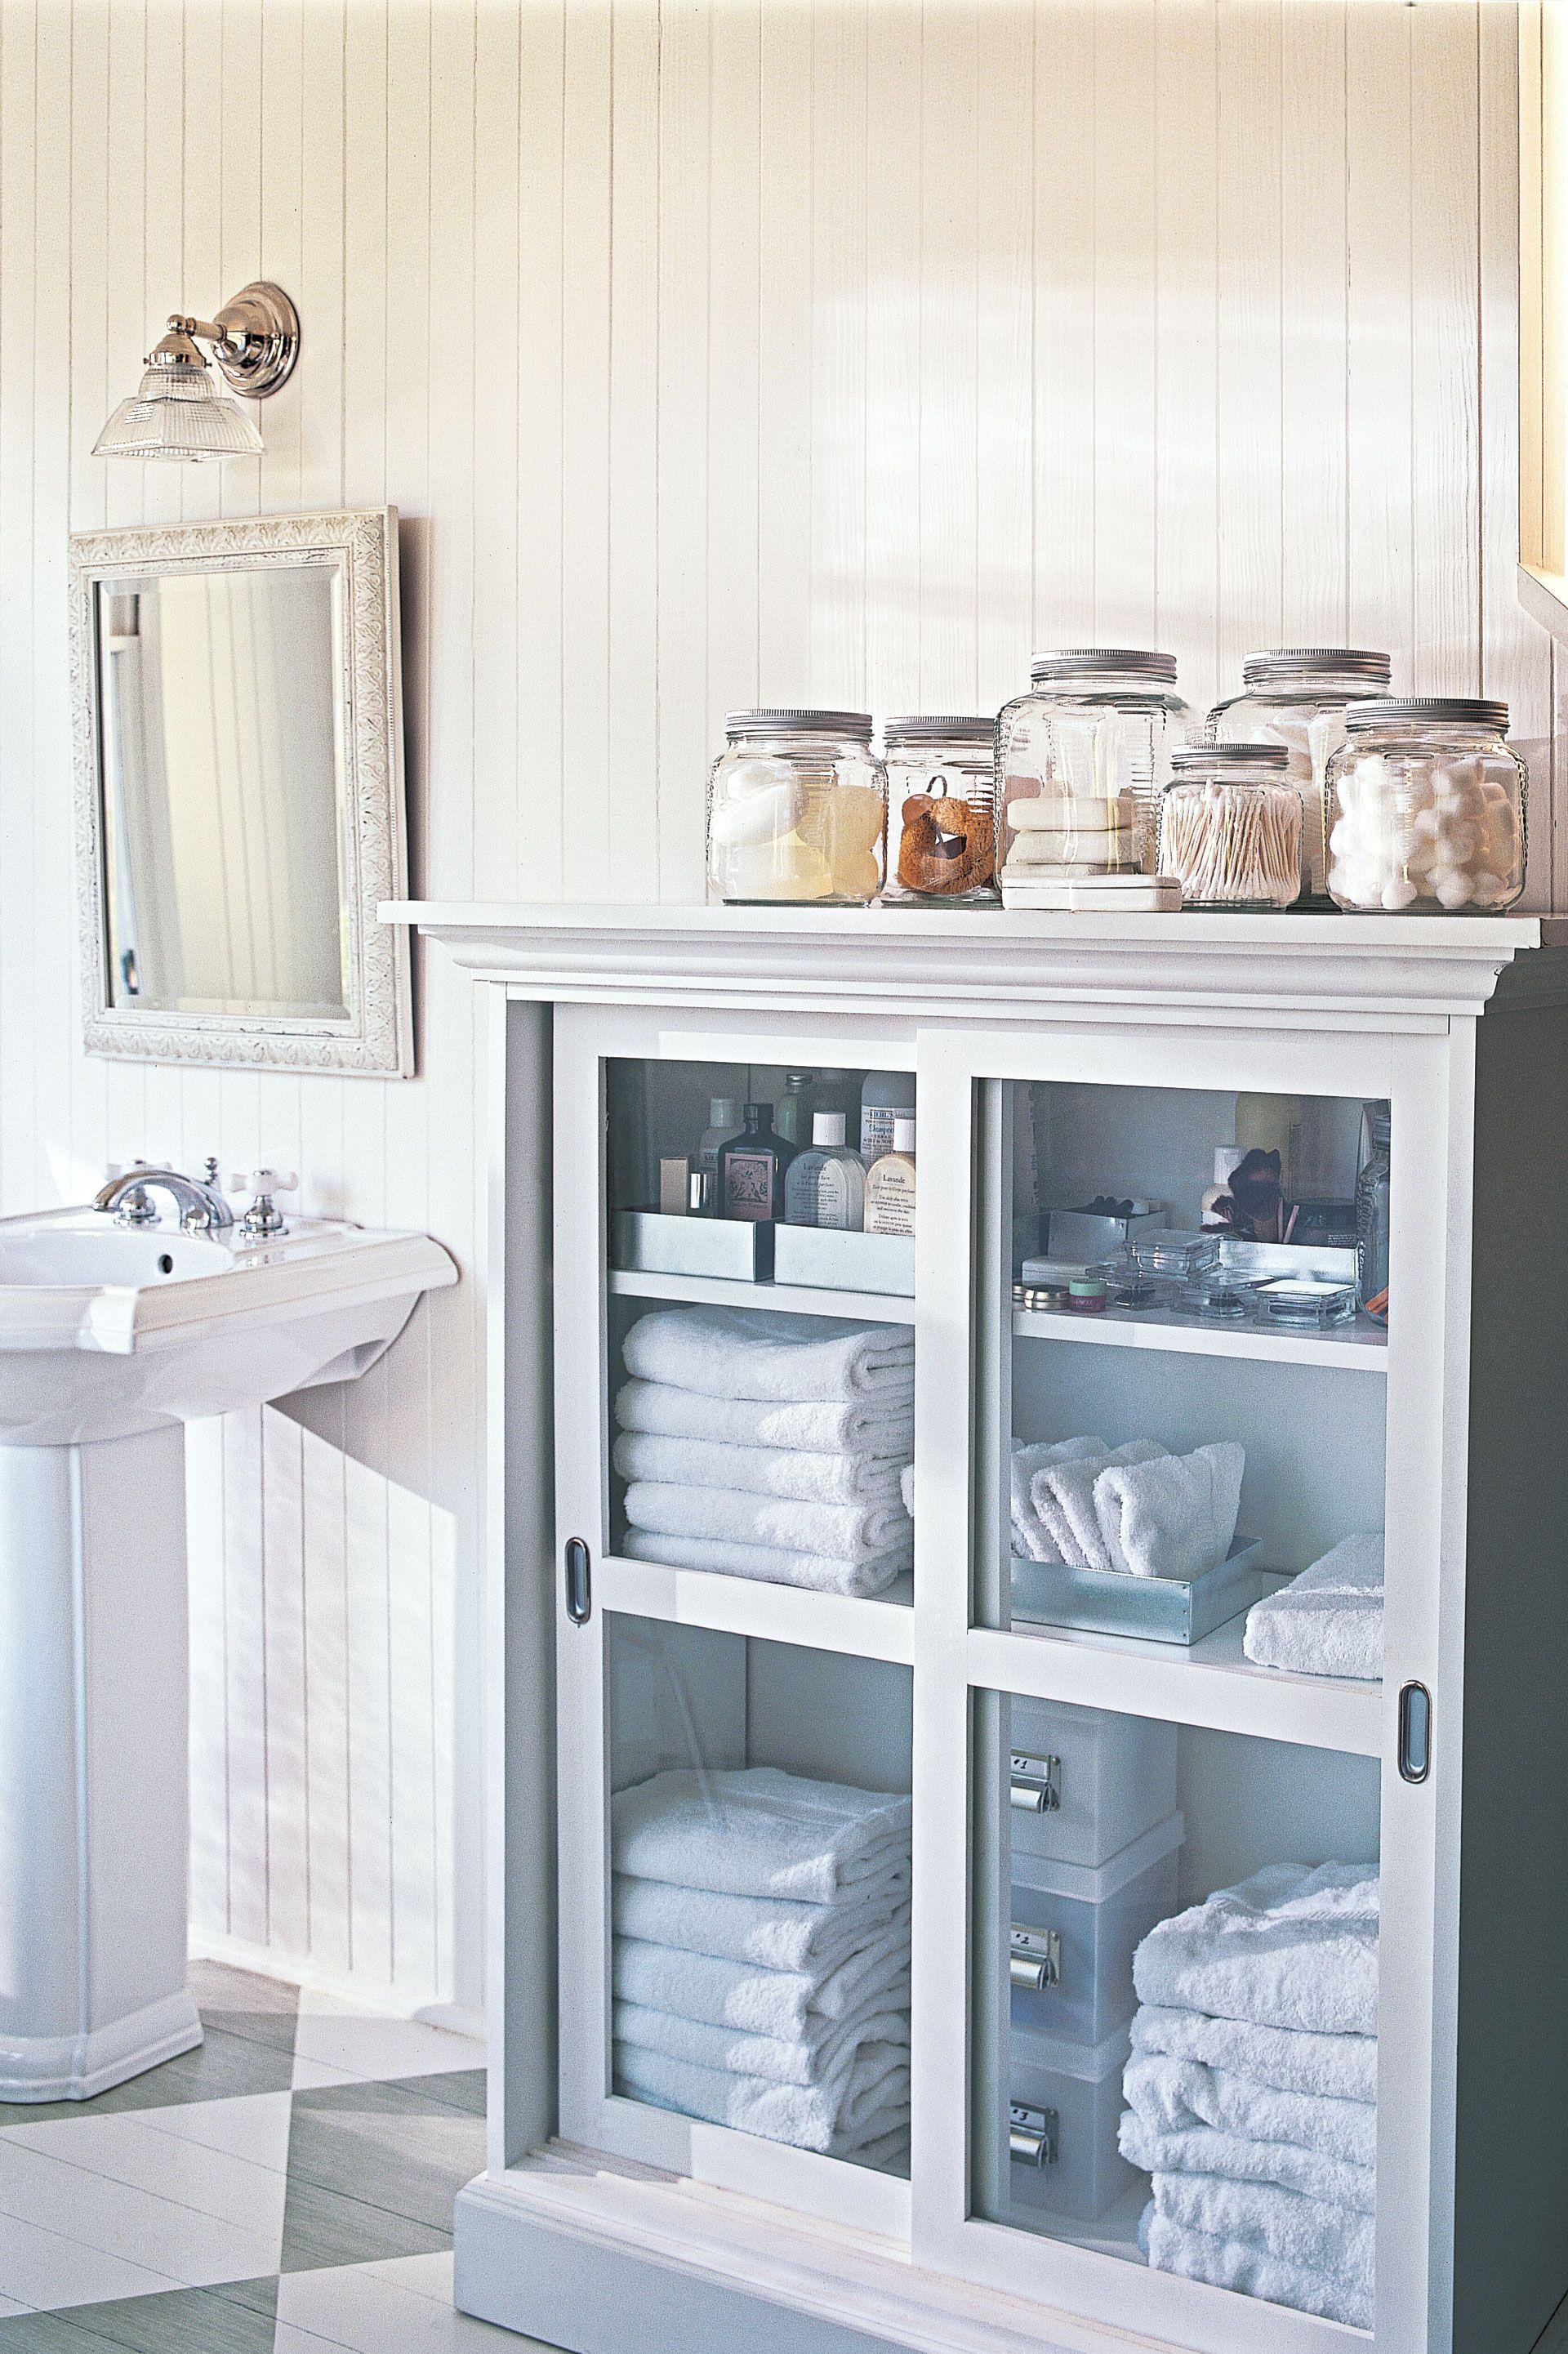 17 Easy Bathroom Organizing Ideas | Organizing the Bathroom ...